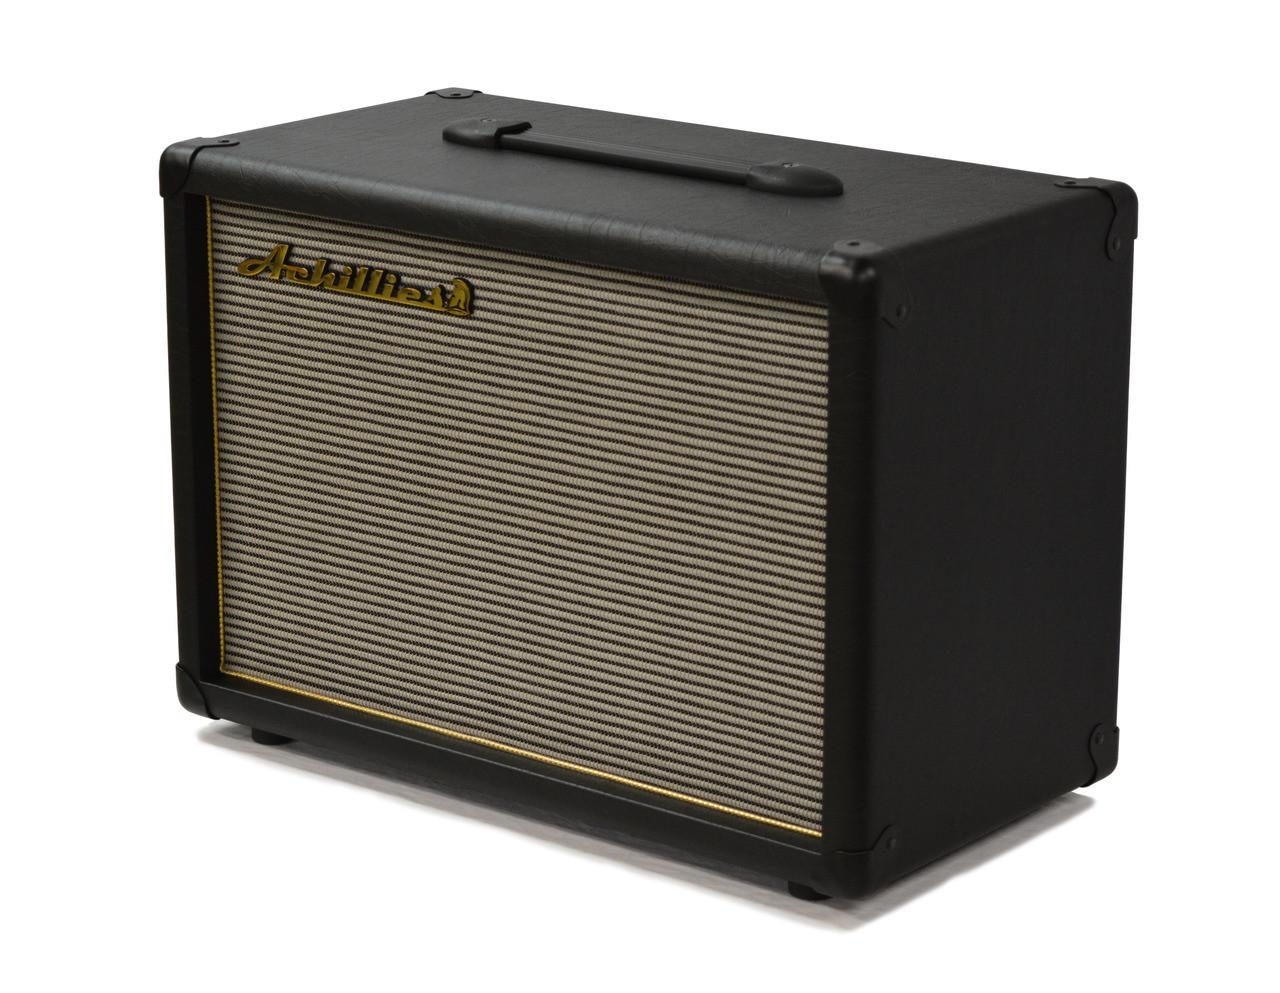 Creon 1x10 Guitar Speaker Cabinet